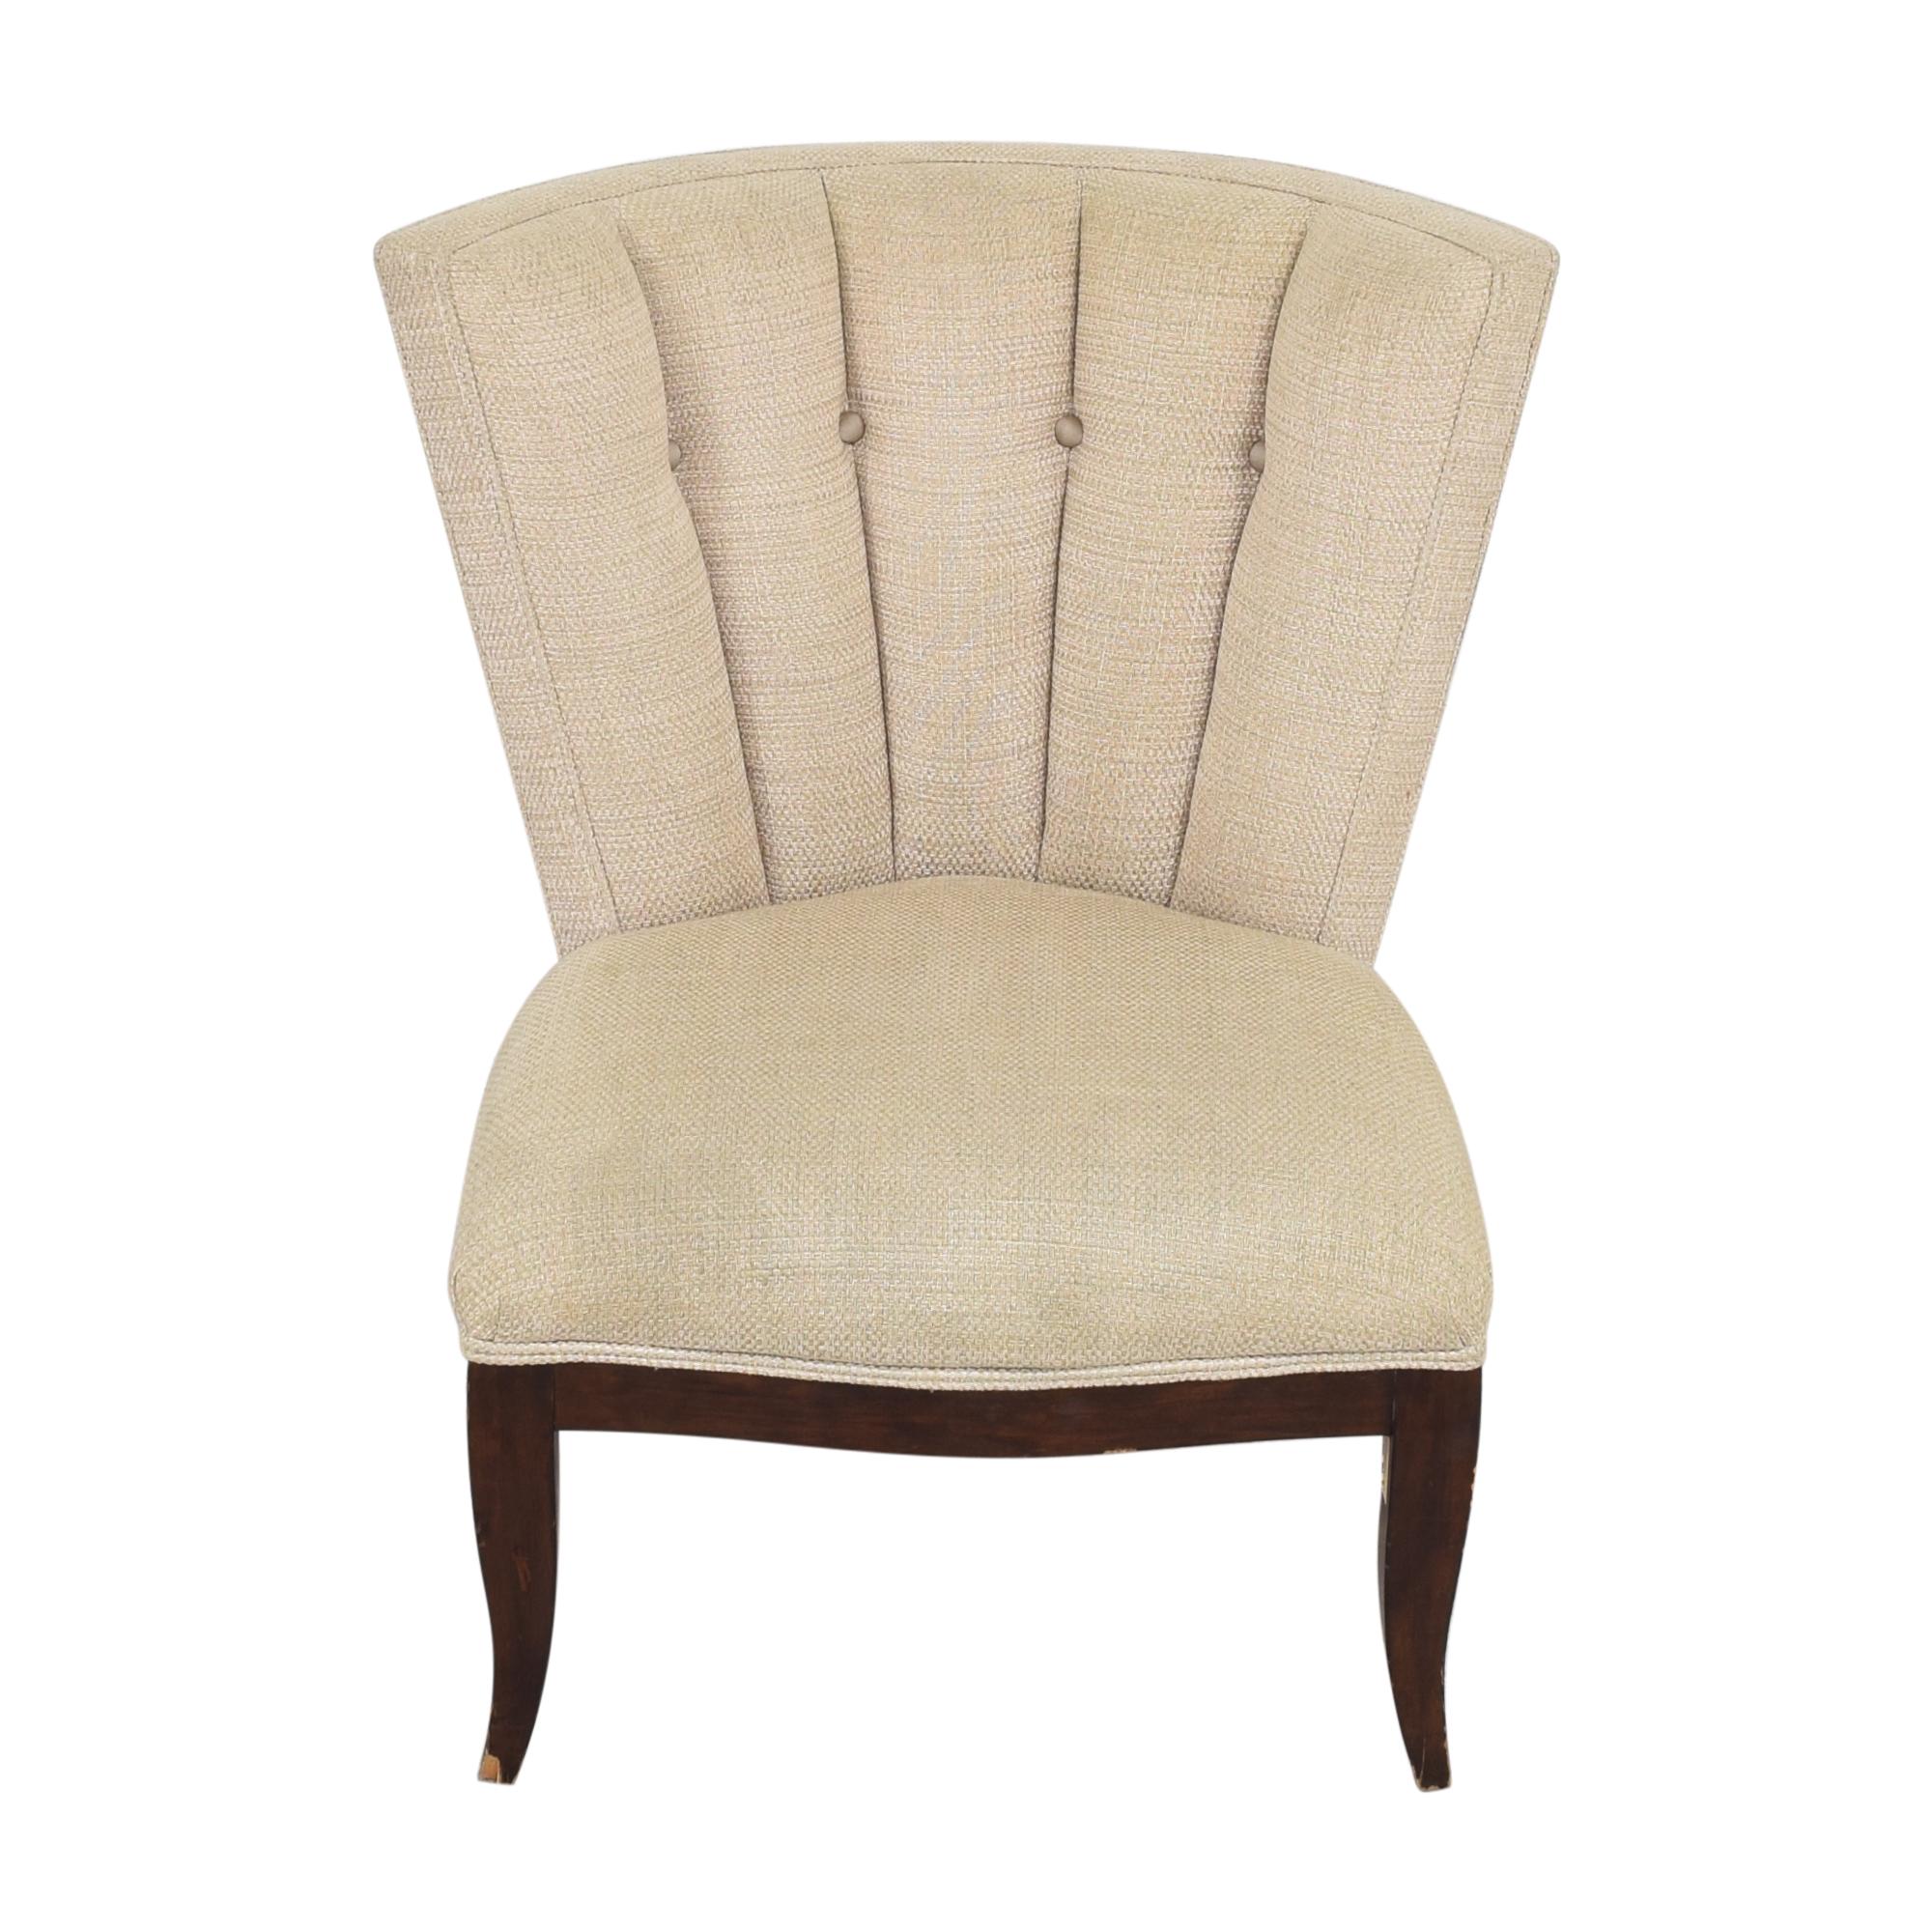 Schnadig Schnadig Ava Chair discount